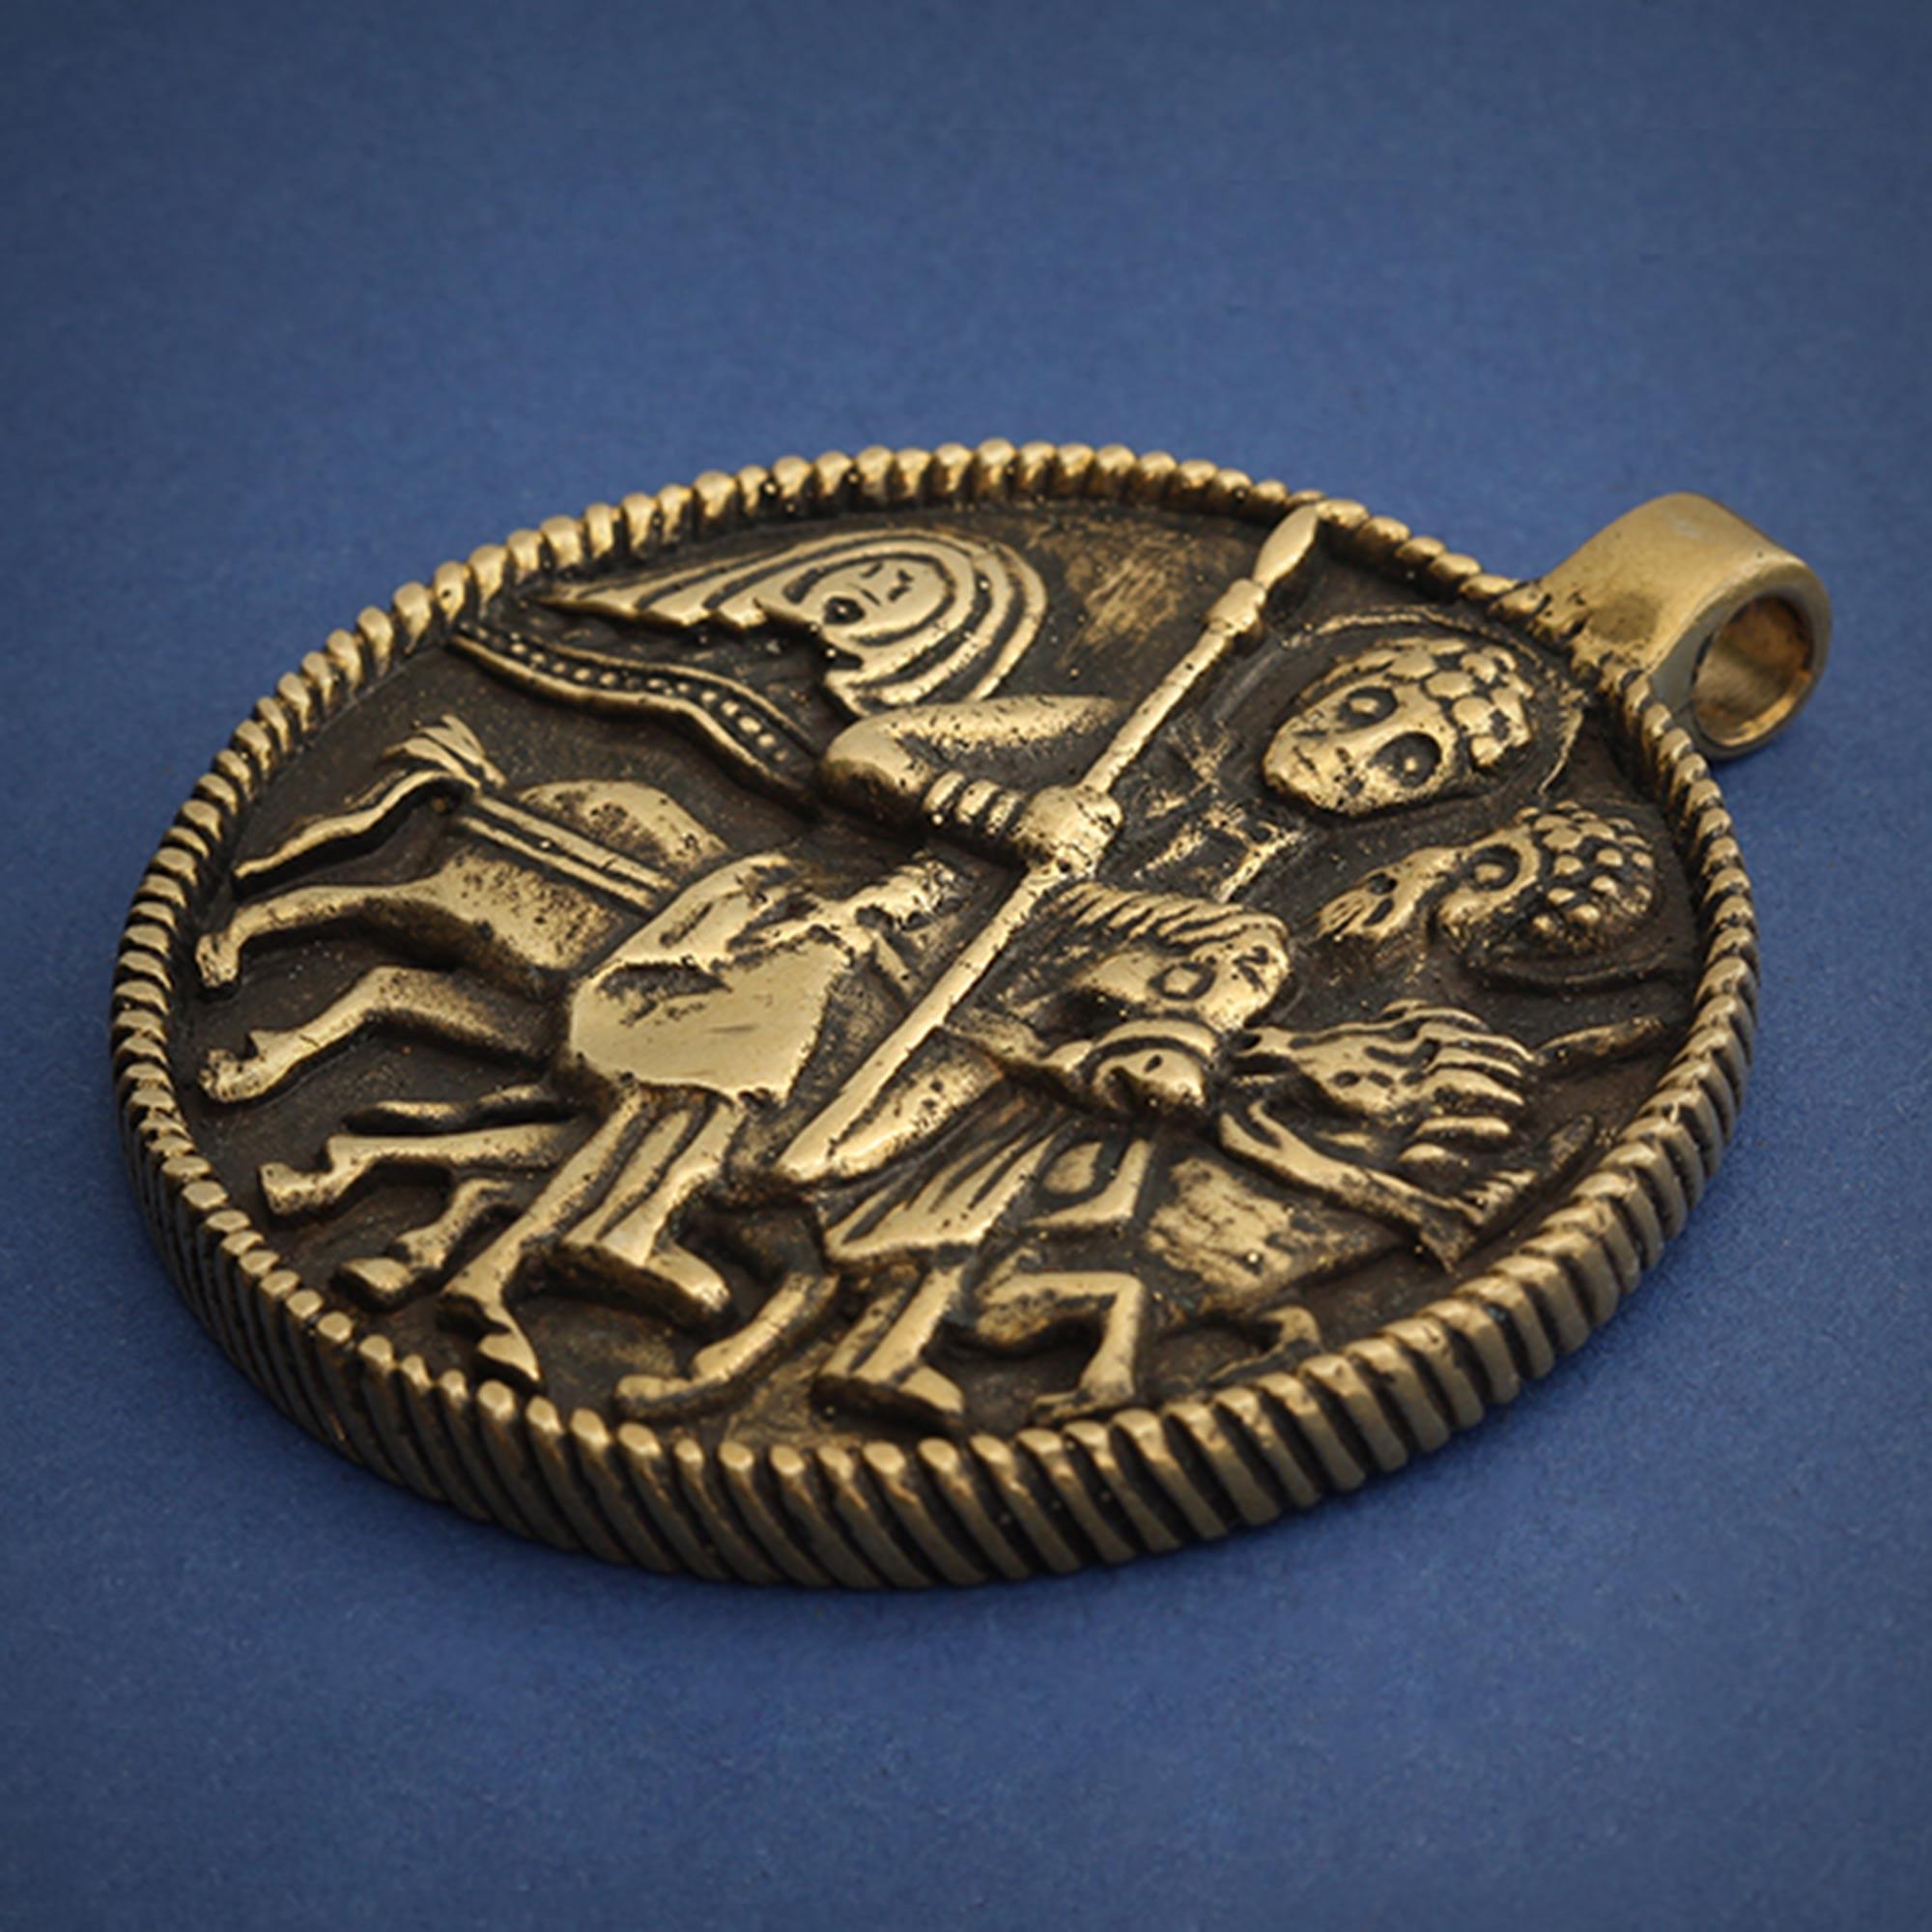 змеевик бронзовый кулон феодор стратилат купить в симферополе в крыму оптом христианские украшения